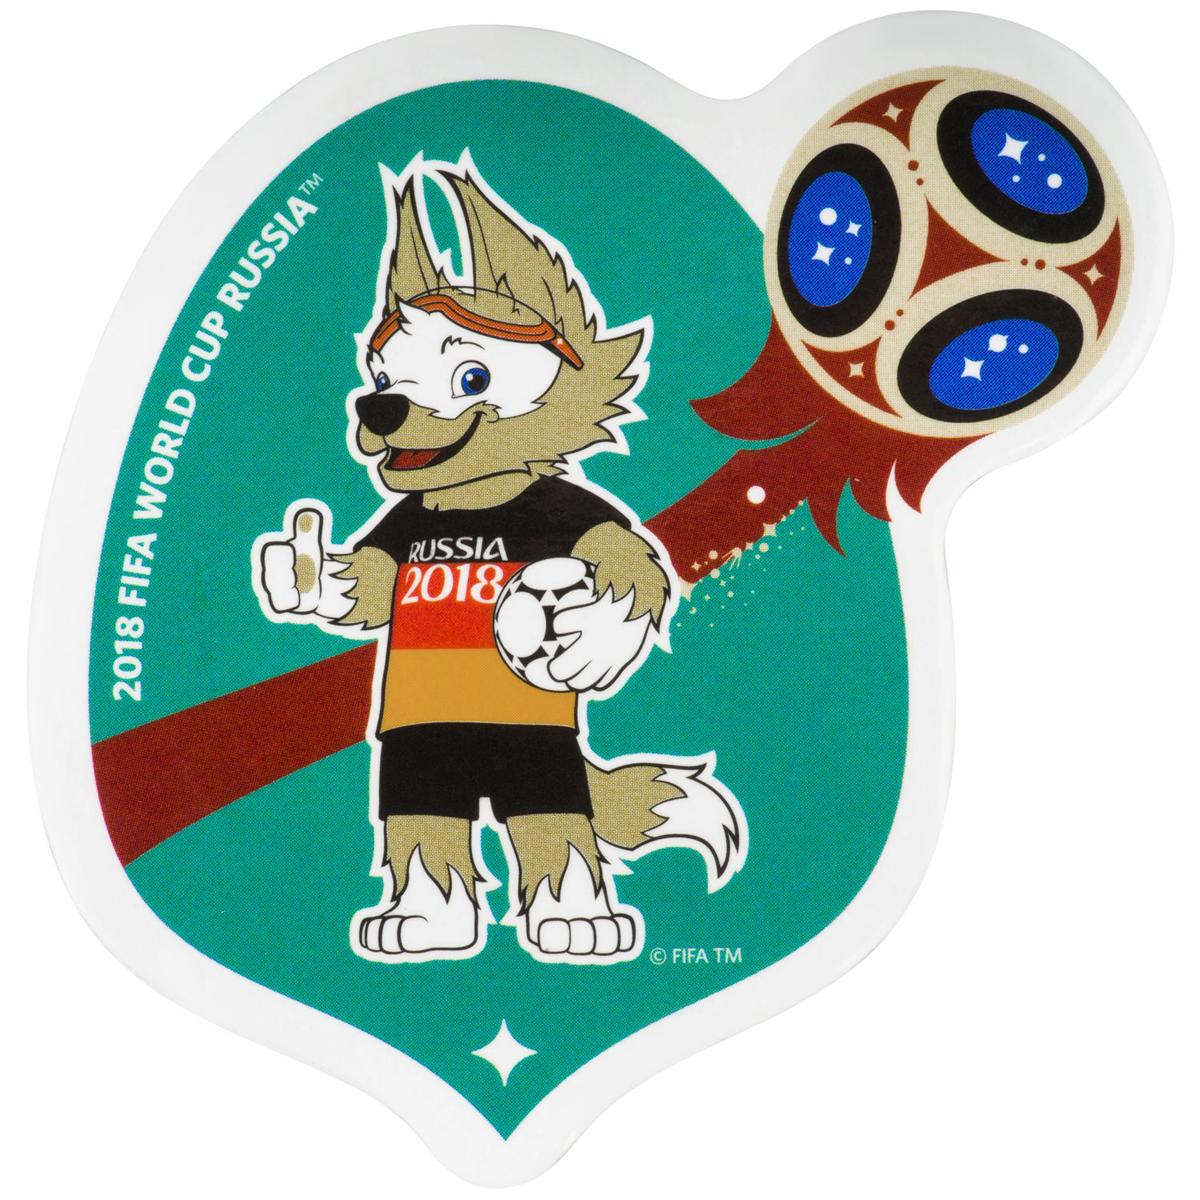 Самое большое количество сыгранных матчей на ЧМ принадлежит сборной Германии - 99 штук. Забивака поддерживает рвение немецкой сборной к победе! Если ты тоже болеешь за одну из команд-фаворитов, покажи это стильным магнитом с Забивакой в форме Германии.